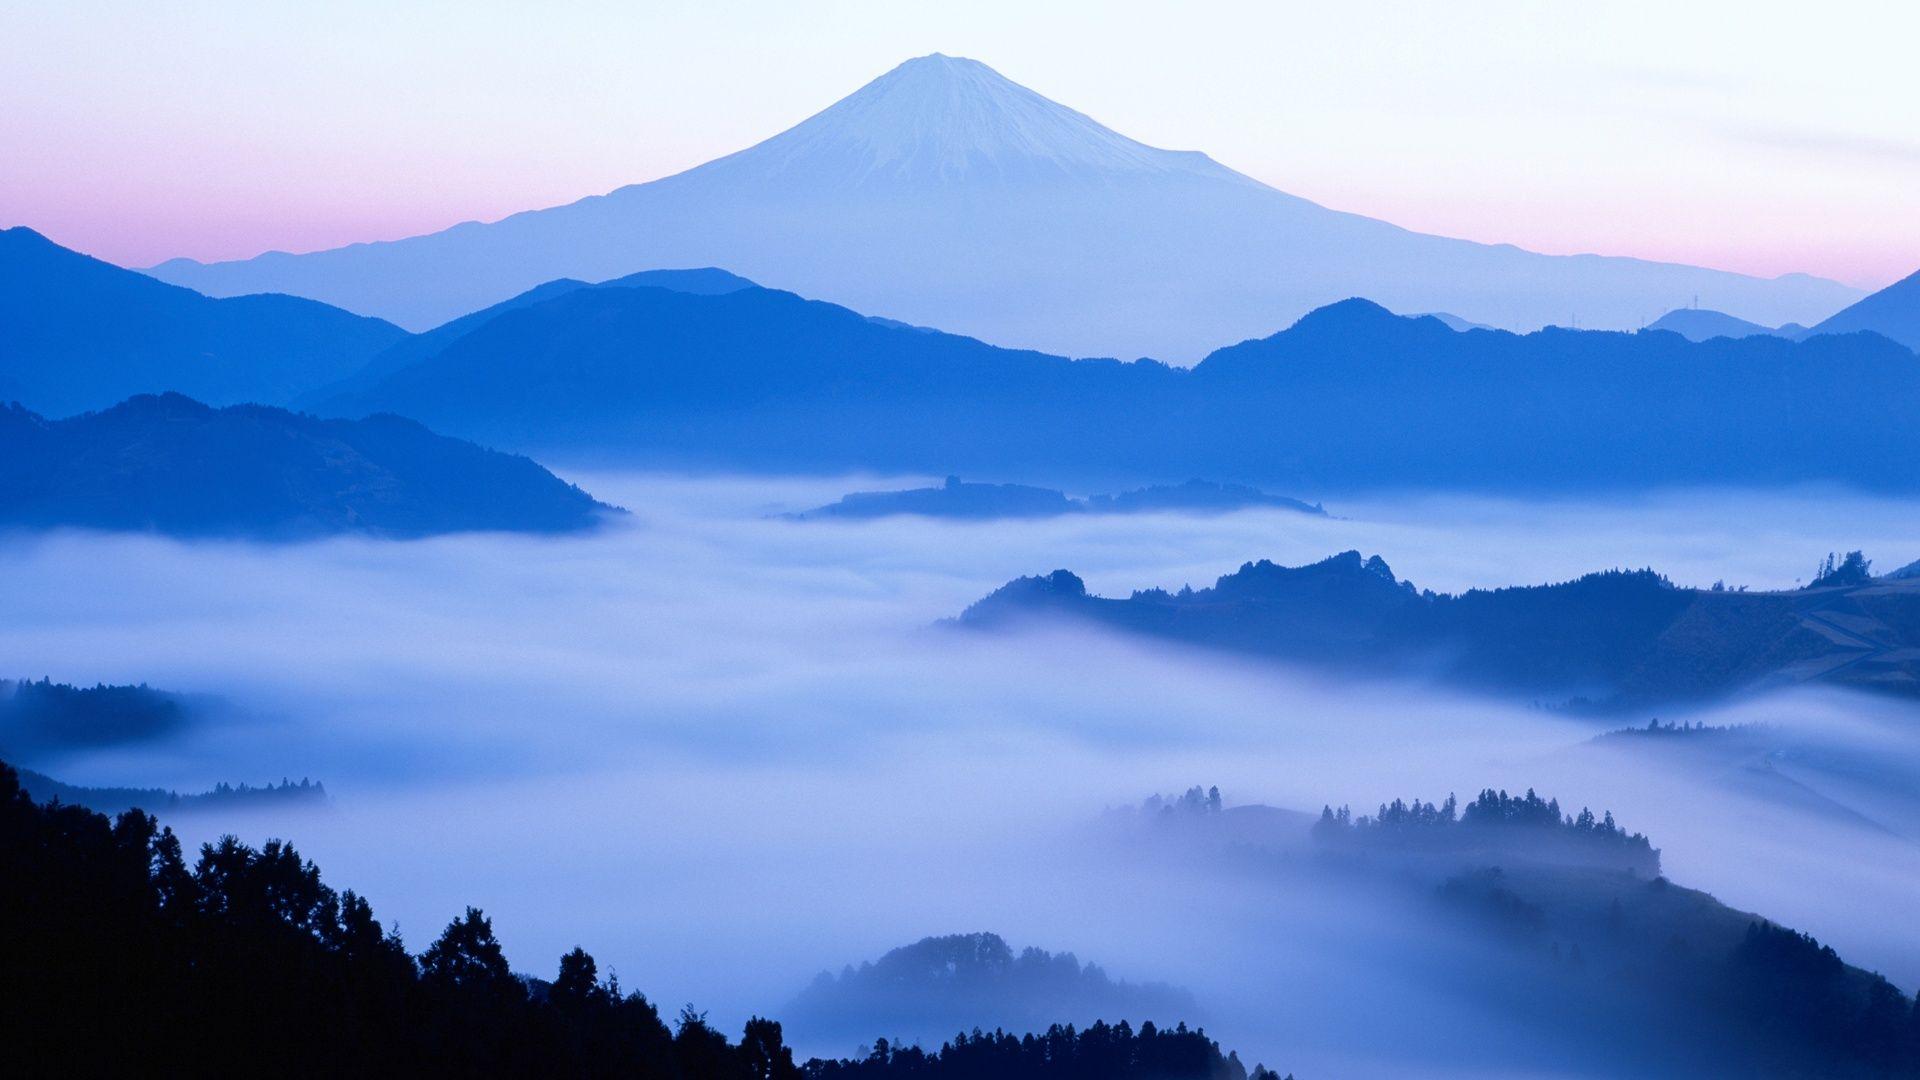 日本の富士山の美しさの夜明け 壁紙 19x1080 壁紙ダウンロード Ja Best Wallpaper Net 庭作りのアイデア 風景 風景の壁紙